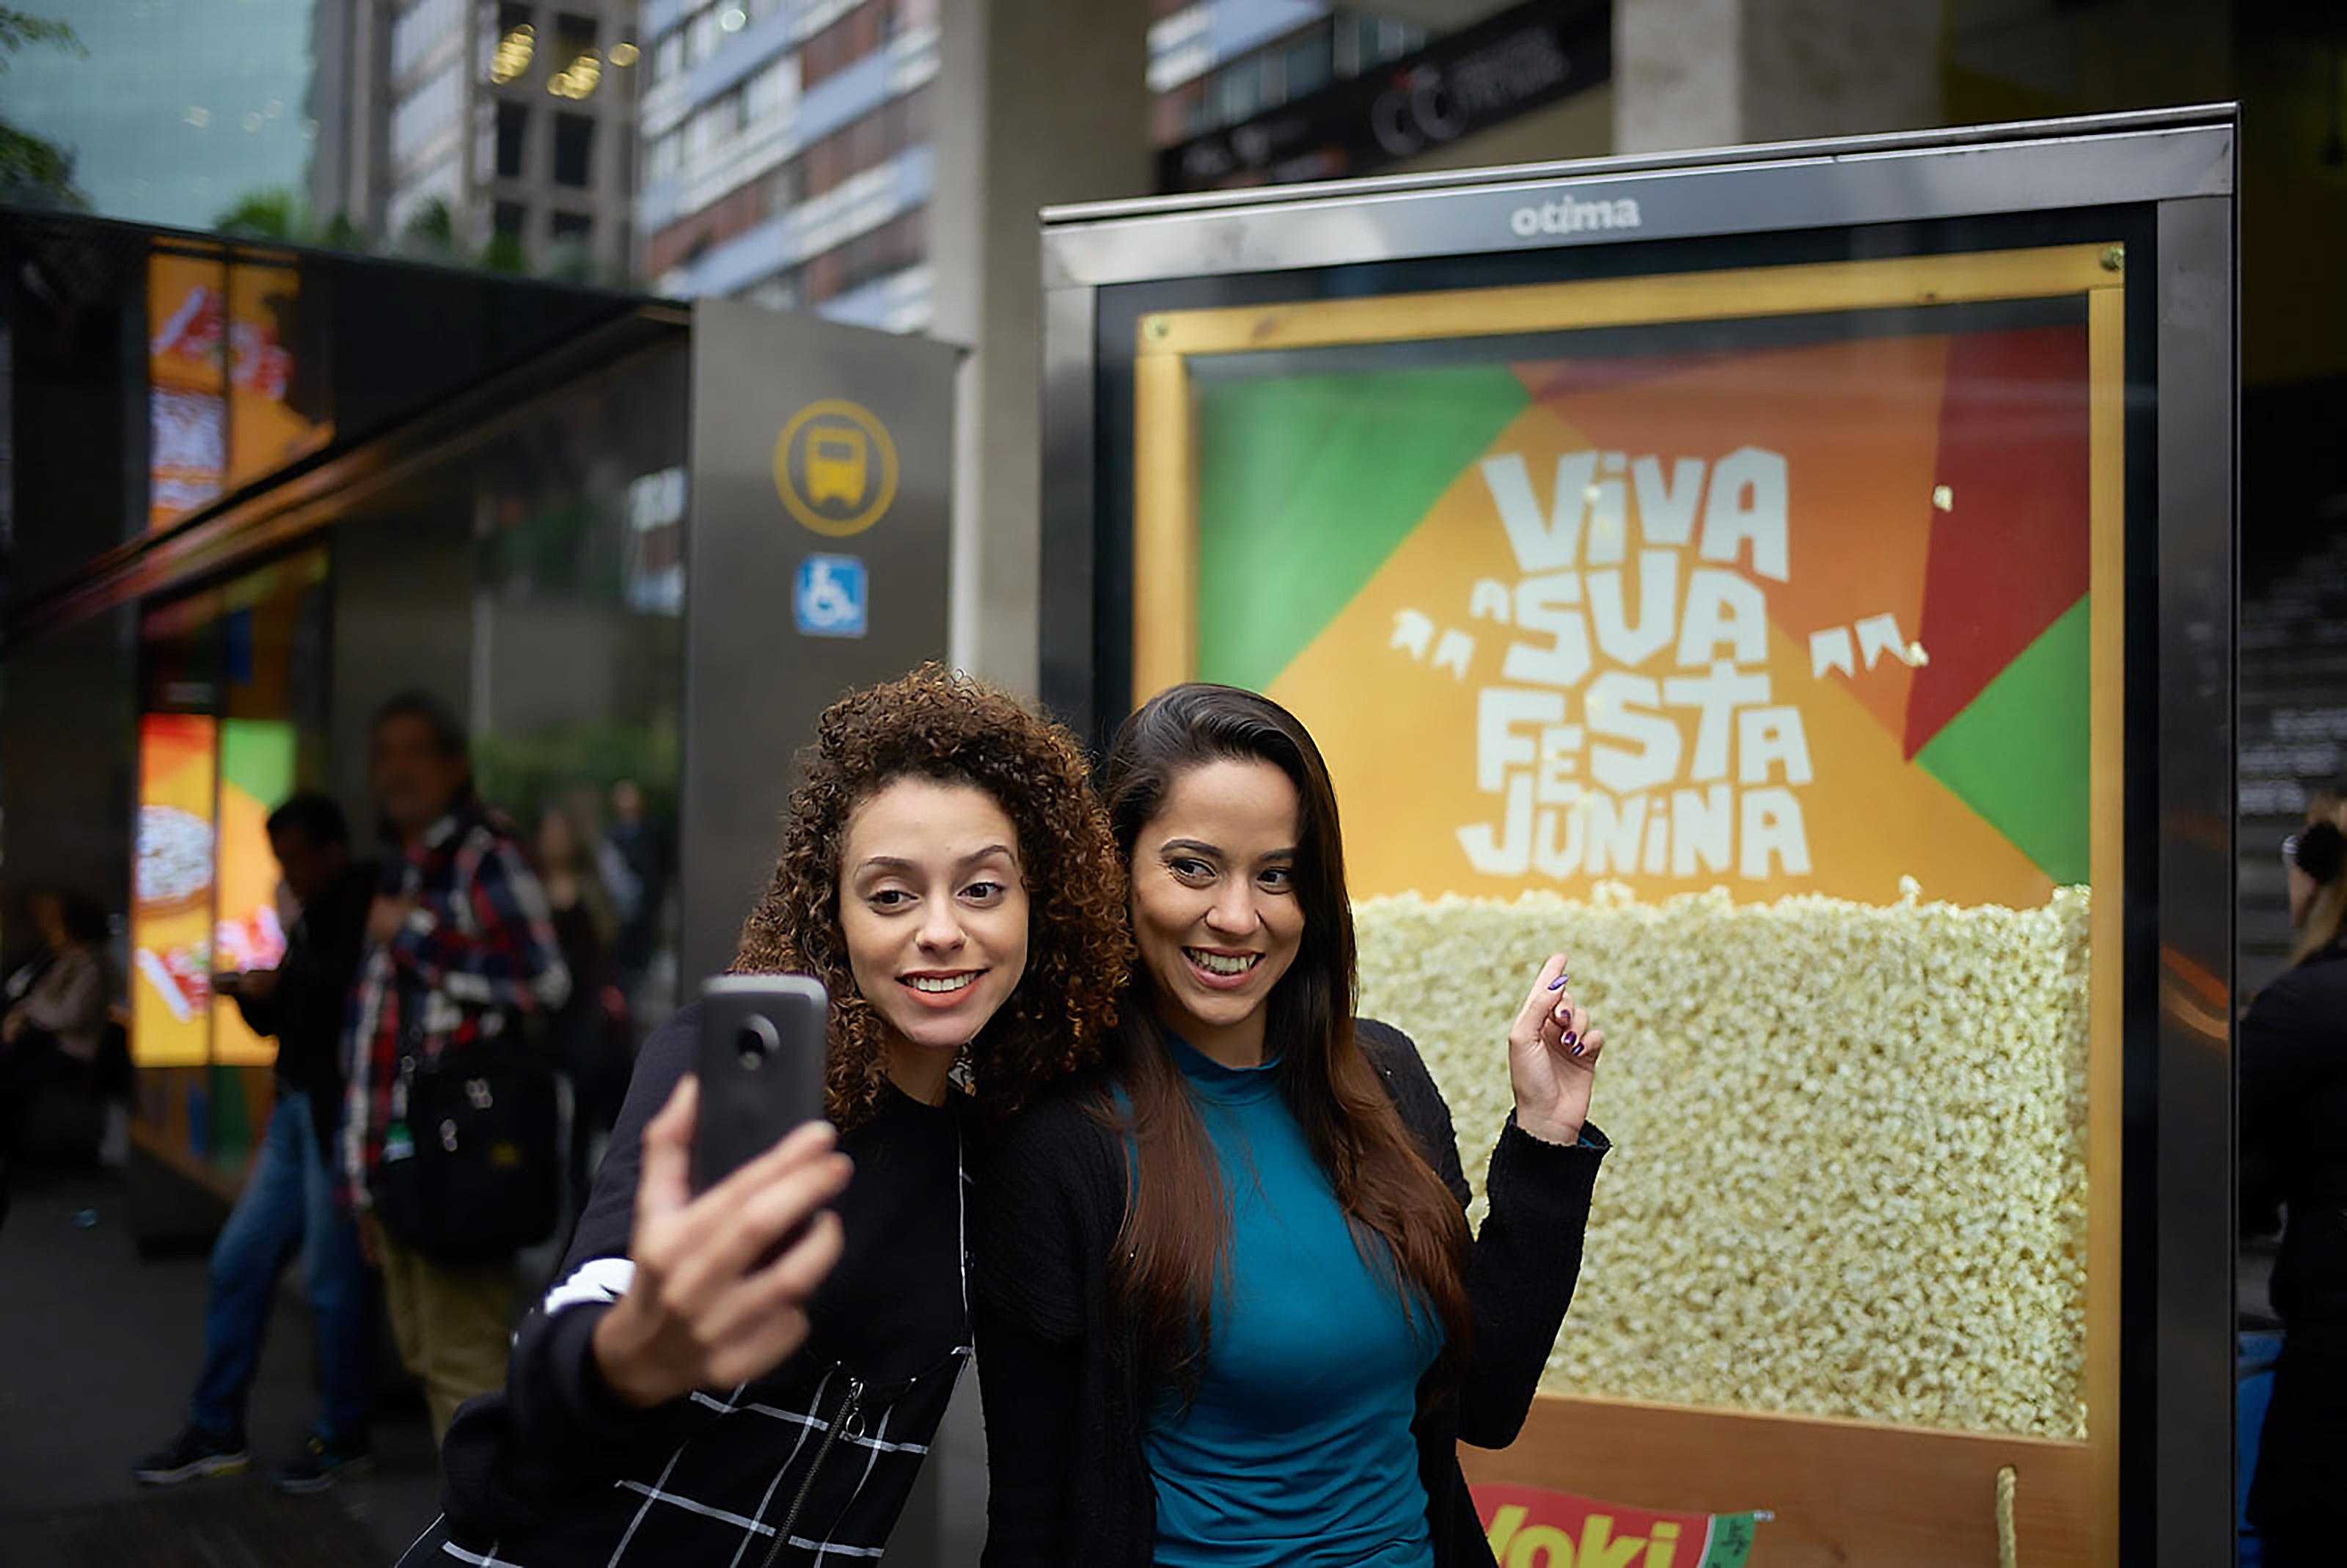 Na imagem, duas mulheres posam para uma selfie em frente ao display publicitário Yoki em um ponto de ônibus. Dentro do display há pipoca pronta com a frase: Viva sua festa junina.